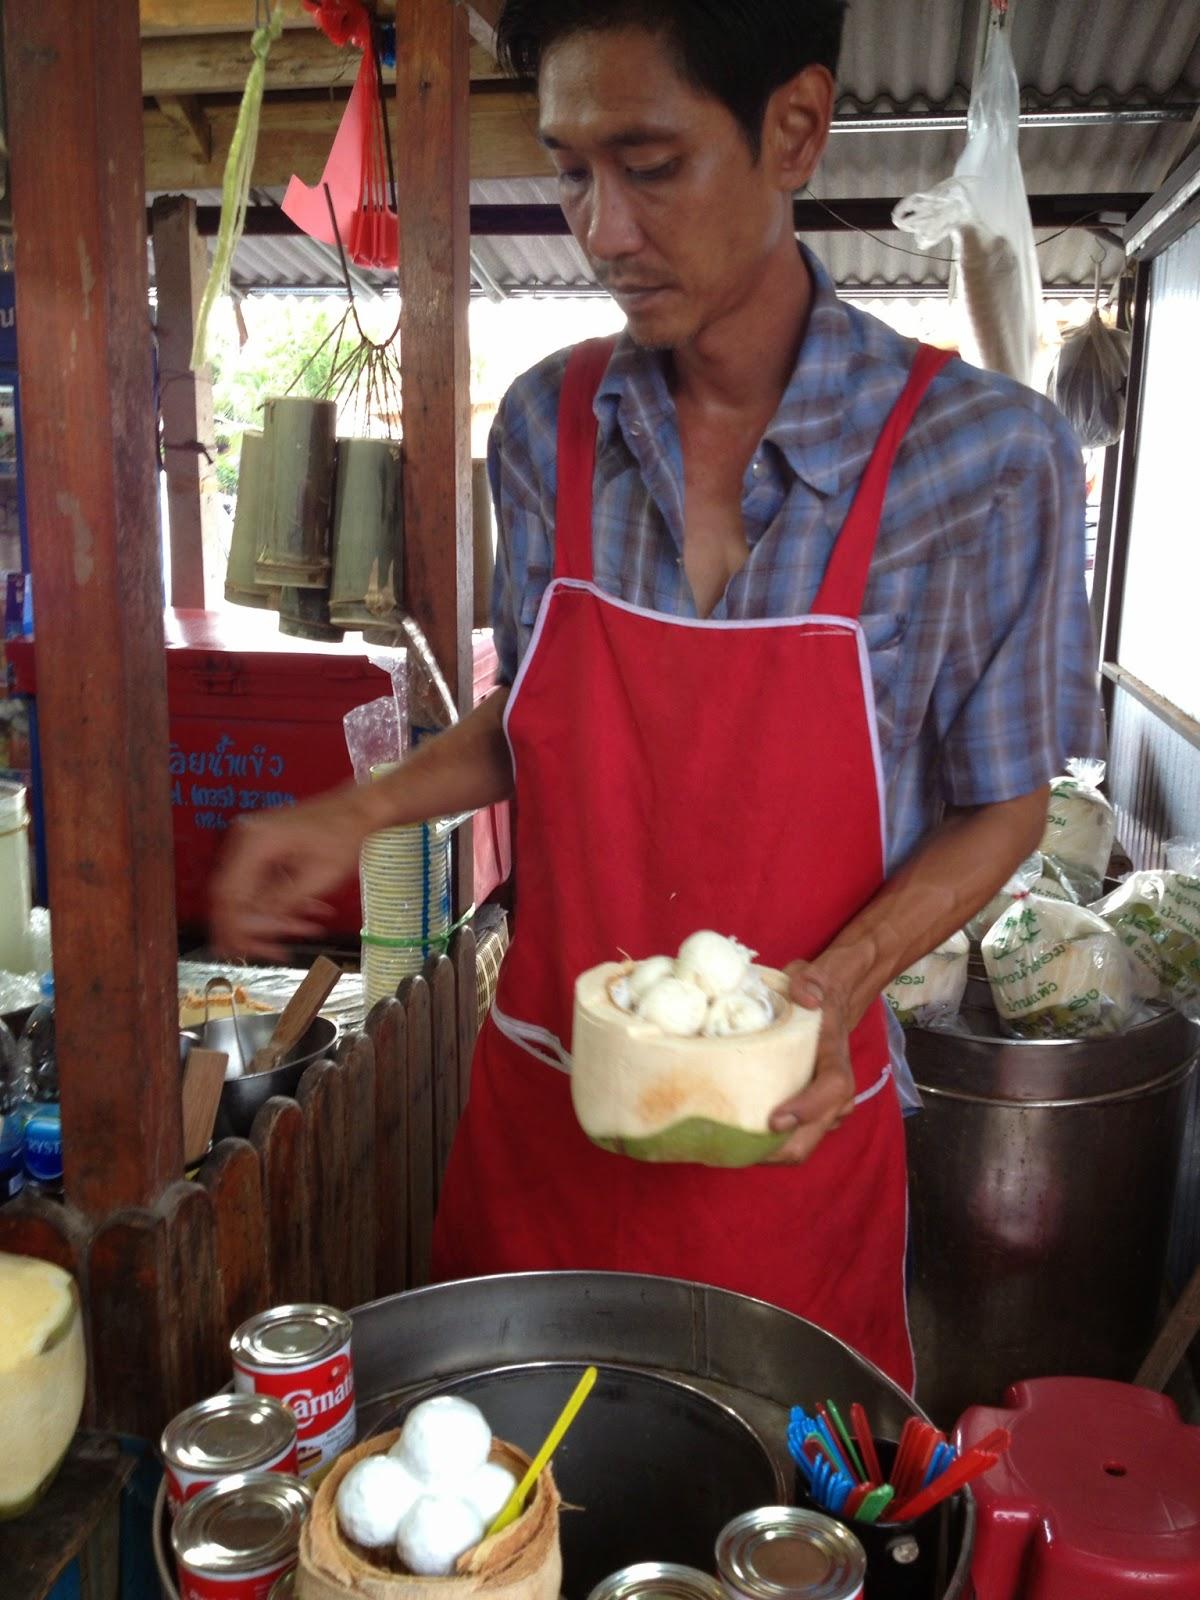 Ayutthaya - Ayothaya Floating Market - Getting some coconut ice cream